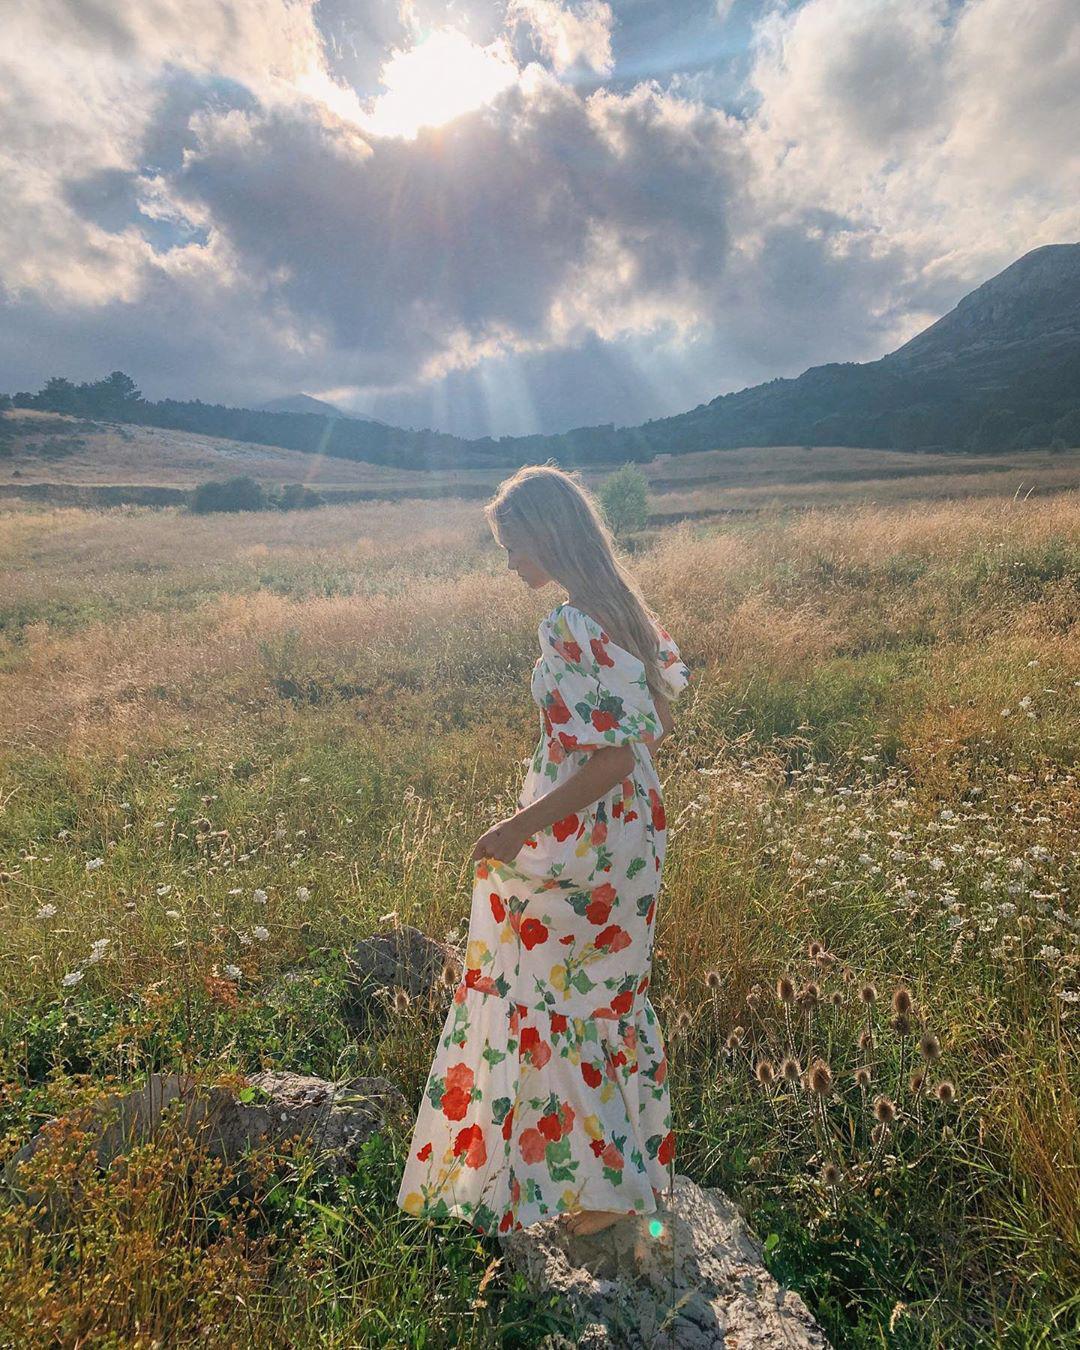 Trời se lạnh mà quẩy váy dáng dài là có style yêu kiều như gái Pháp, điểm sang chảnh tăng ngùn ngụt - Ảnh 2.